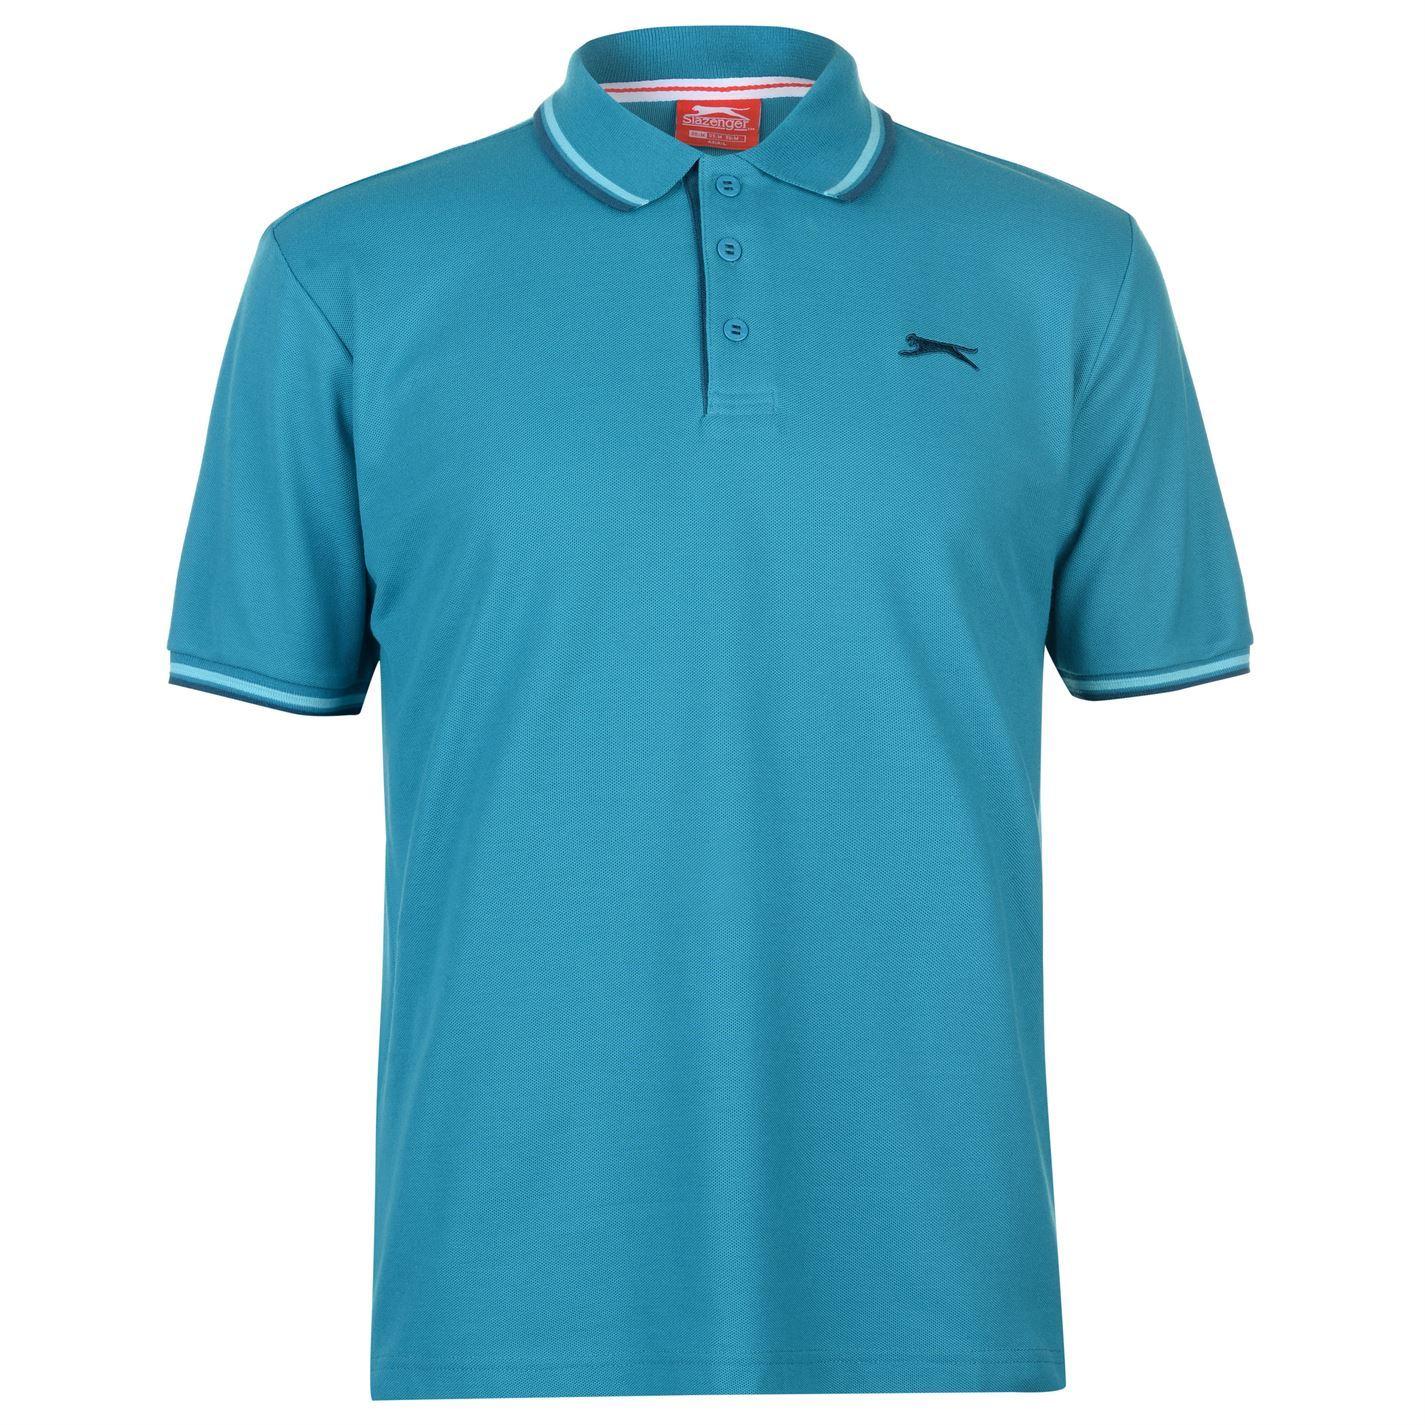 Slazenger-Polo-Camisa-de-hombre-con-cuello-con-Punta-T-Shirt-Top-Camiseta-Tee miniatura 70